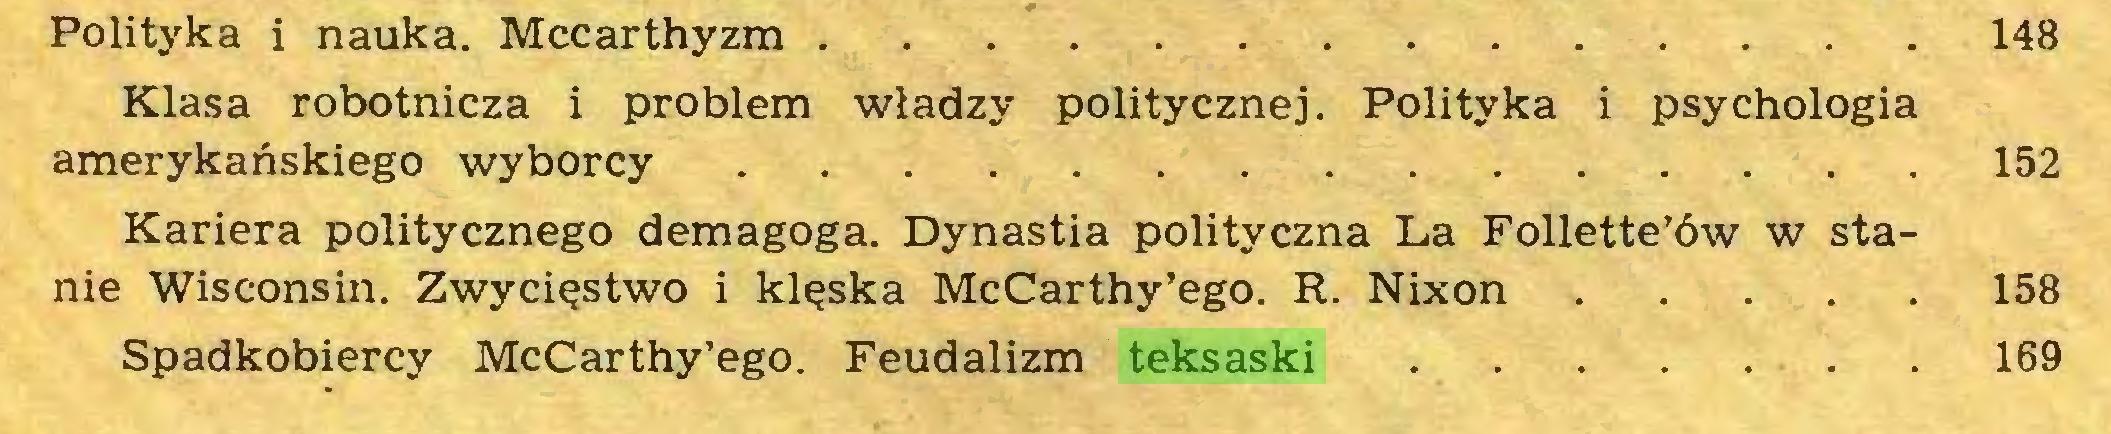 (...) Polityka i nauka. Mccarthyzm 148 Klasa robotnicza i problem władzy politycznej. Polityka i psychologia amerykańskiego wyborcy 152 Kariera politycznego demagoga. Dynastia polityczna La Follette'ôw w stanie Wisconsin. Zwycięstwo i klęska McCarthy'ego. R. Nixon 158 Spadkobiercy McCarthy'ego. Feudalizm teksaski 169...